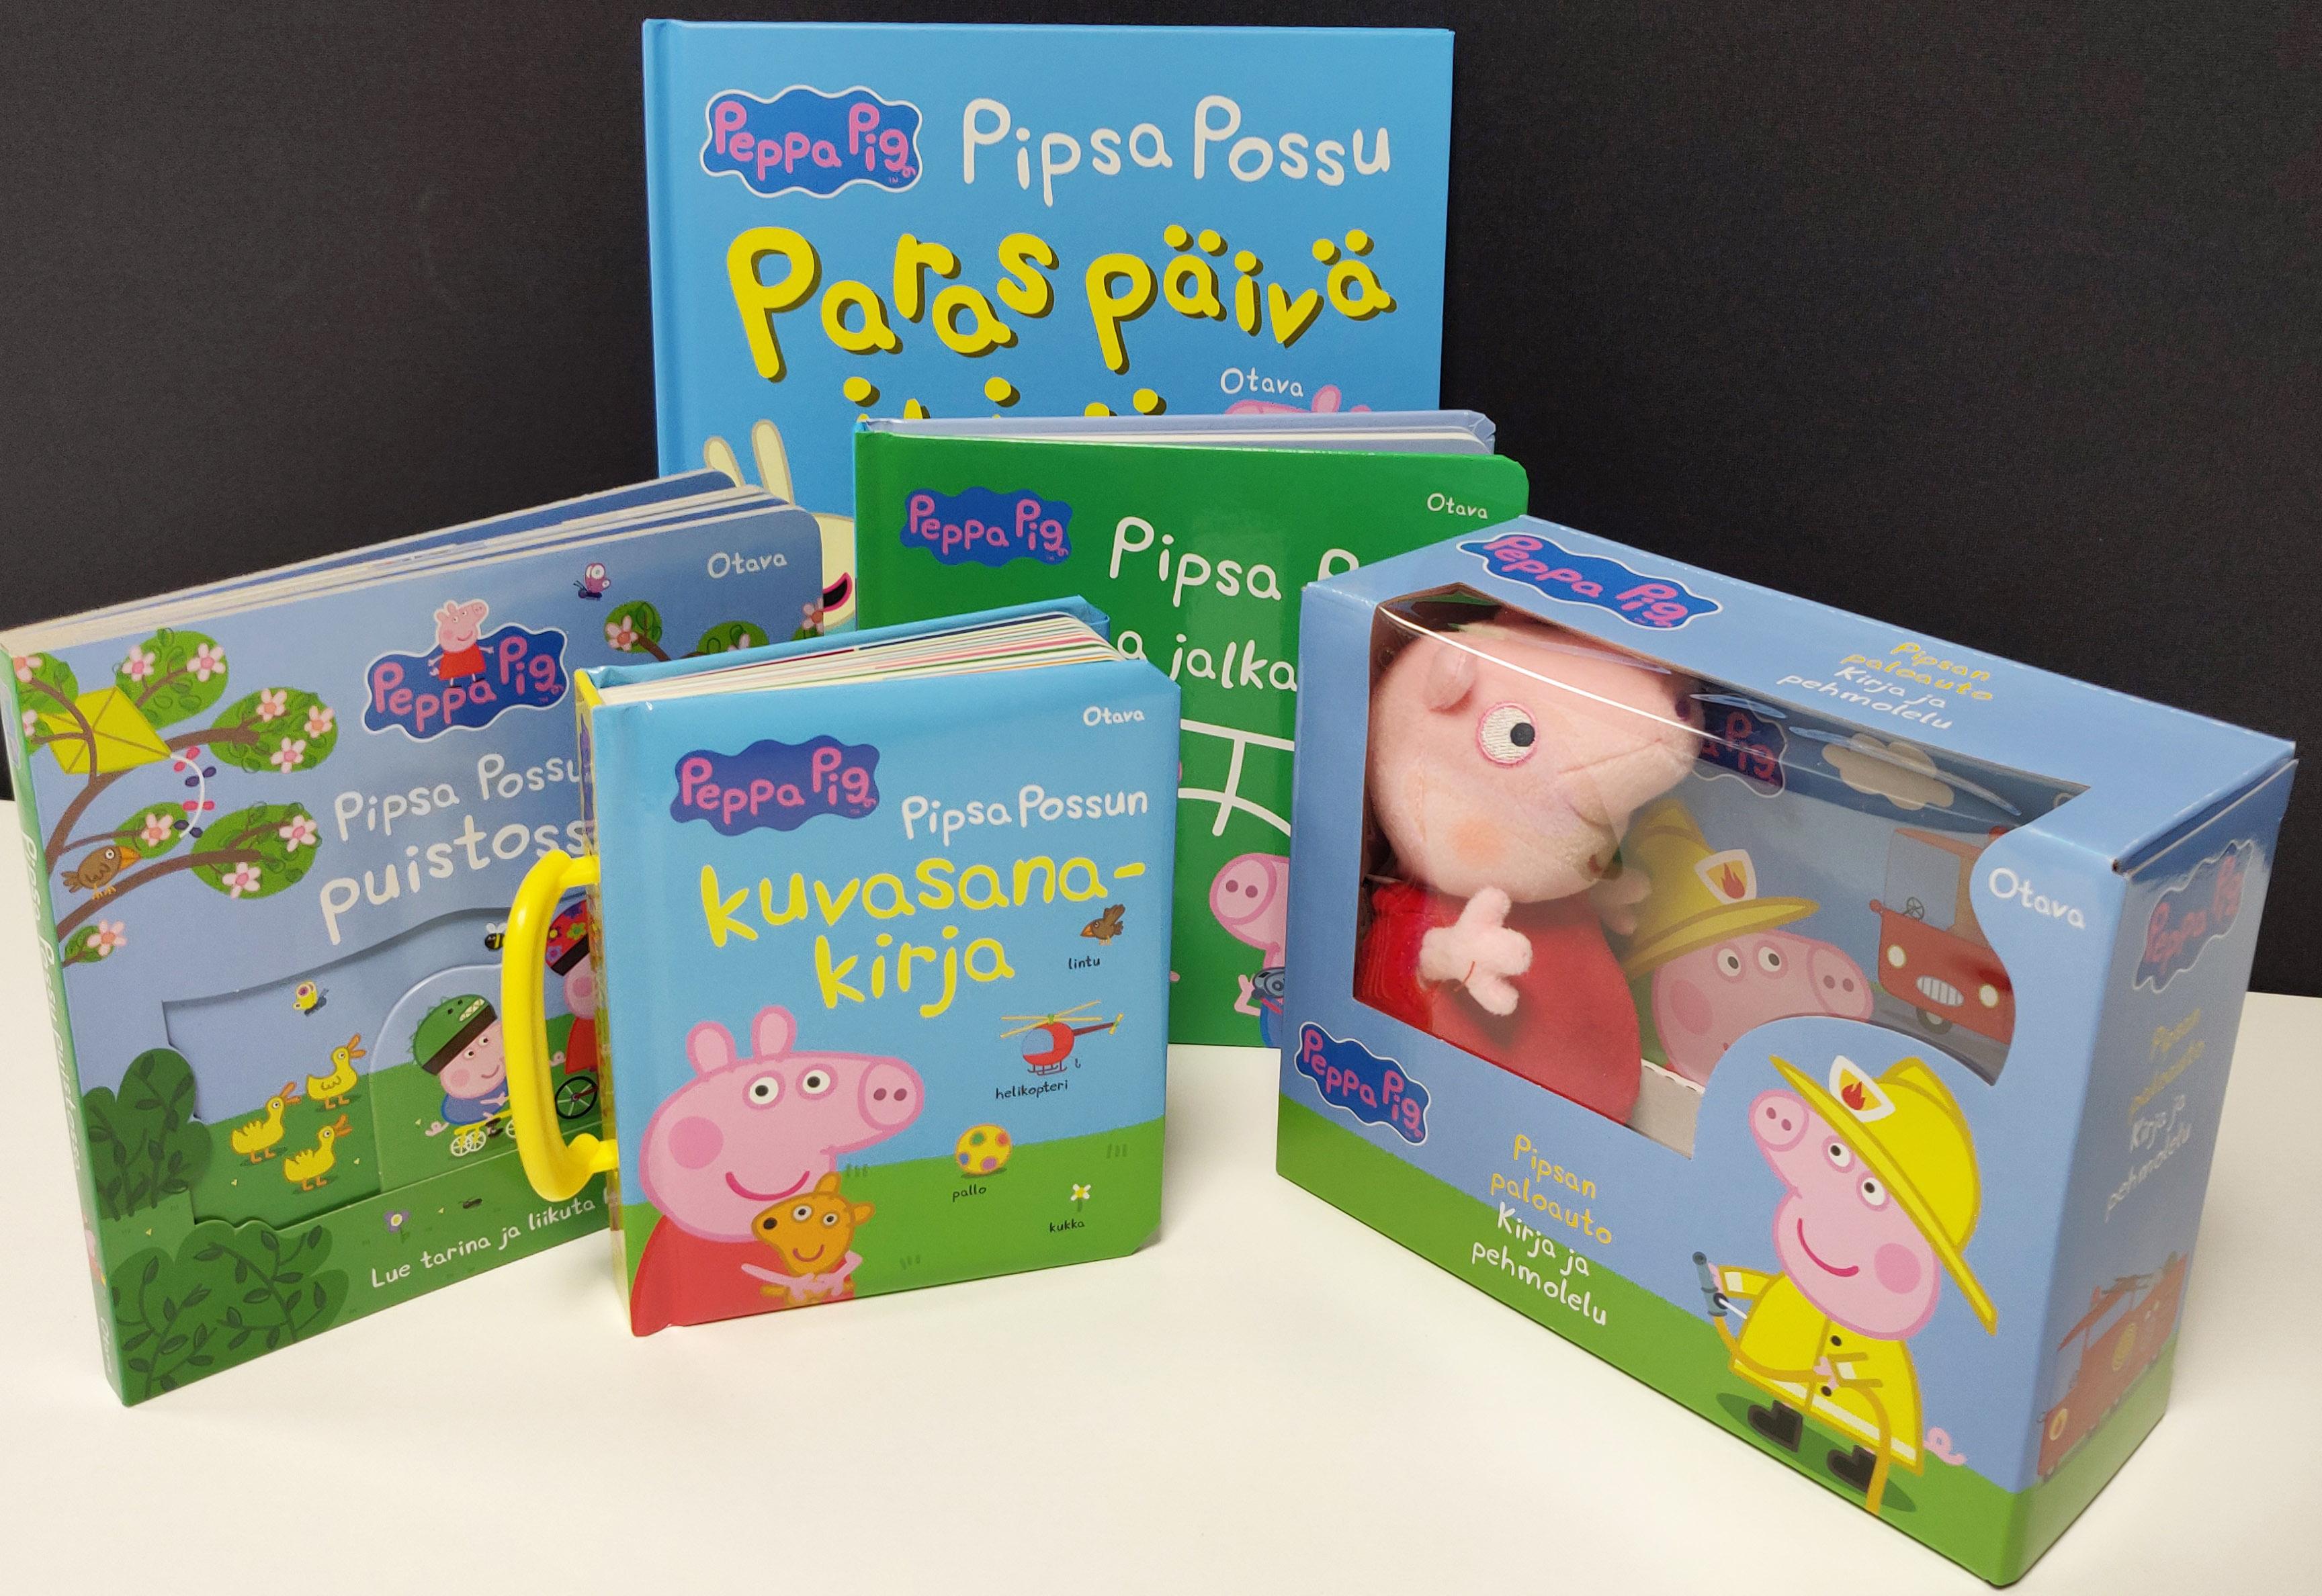 Pakettiin kuuluvat Pipsan paloauto -kirja ja pehmolelu, Pipsa-possu pelaa jalkapalloa, Pipsa-possun kuvasanakirja, Pipsa-possun paras päivä ikinä -magneettikirja sekä Pipsa-possu puistossa -kirja, joka sisältää liikuteltavia pahviosia. Paketin arvo on 63,75 euroa.